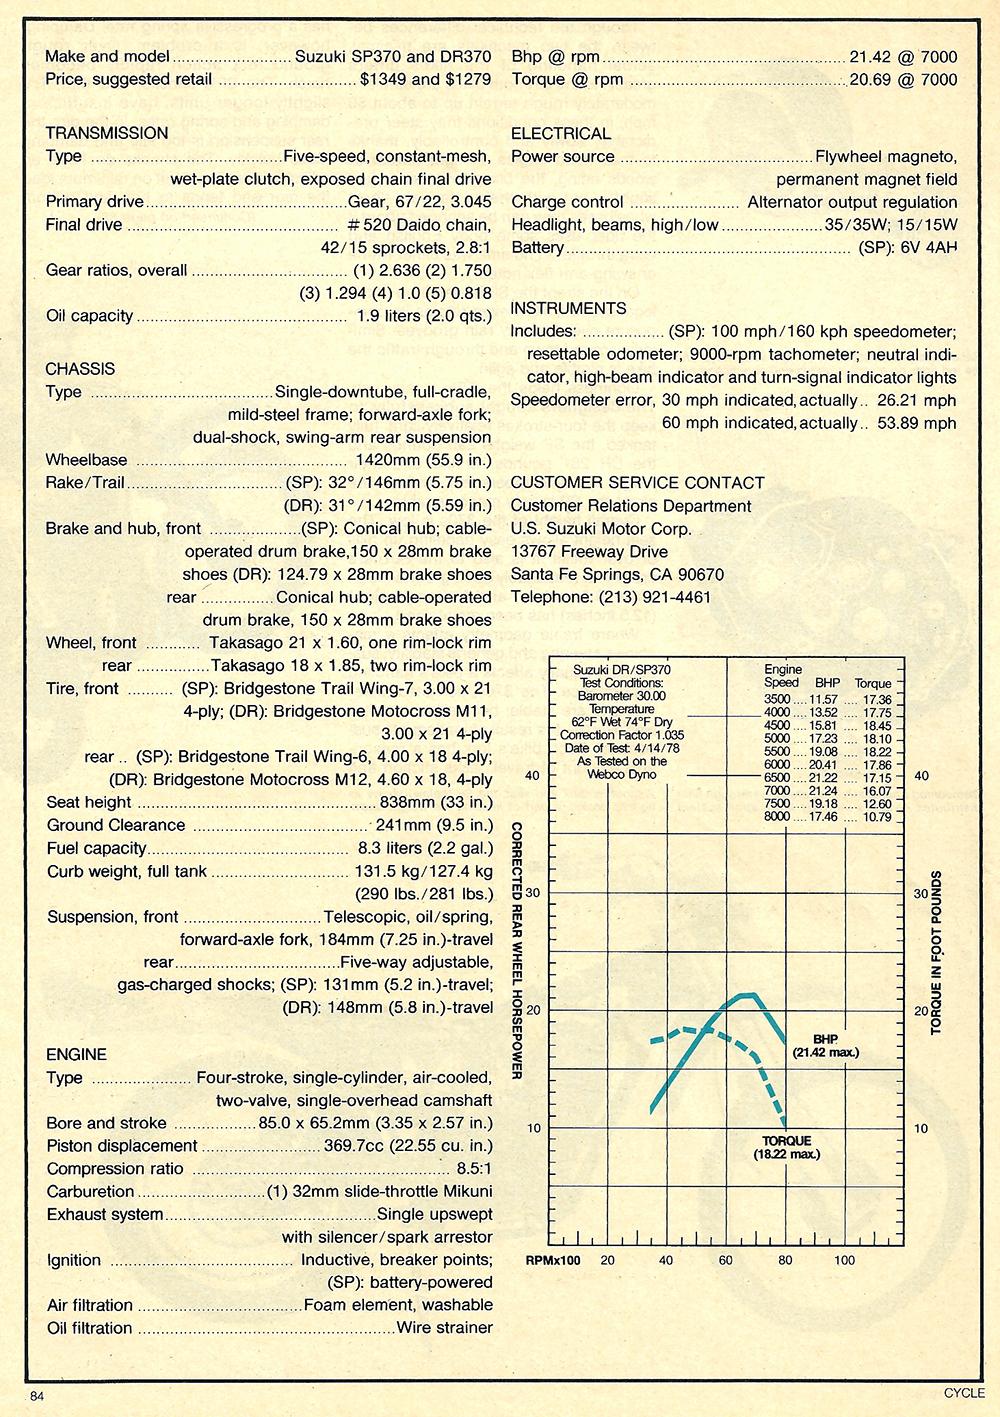 1978 Suzuki DR SP 370 road test 07.jpg